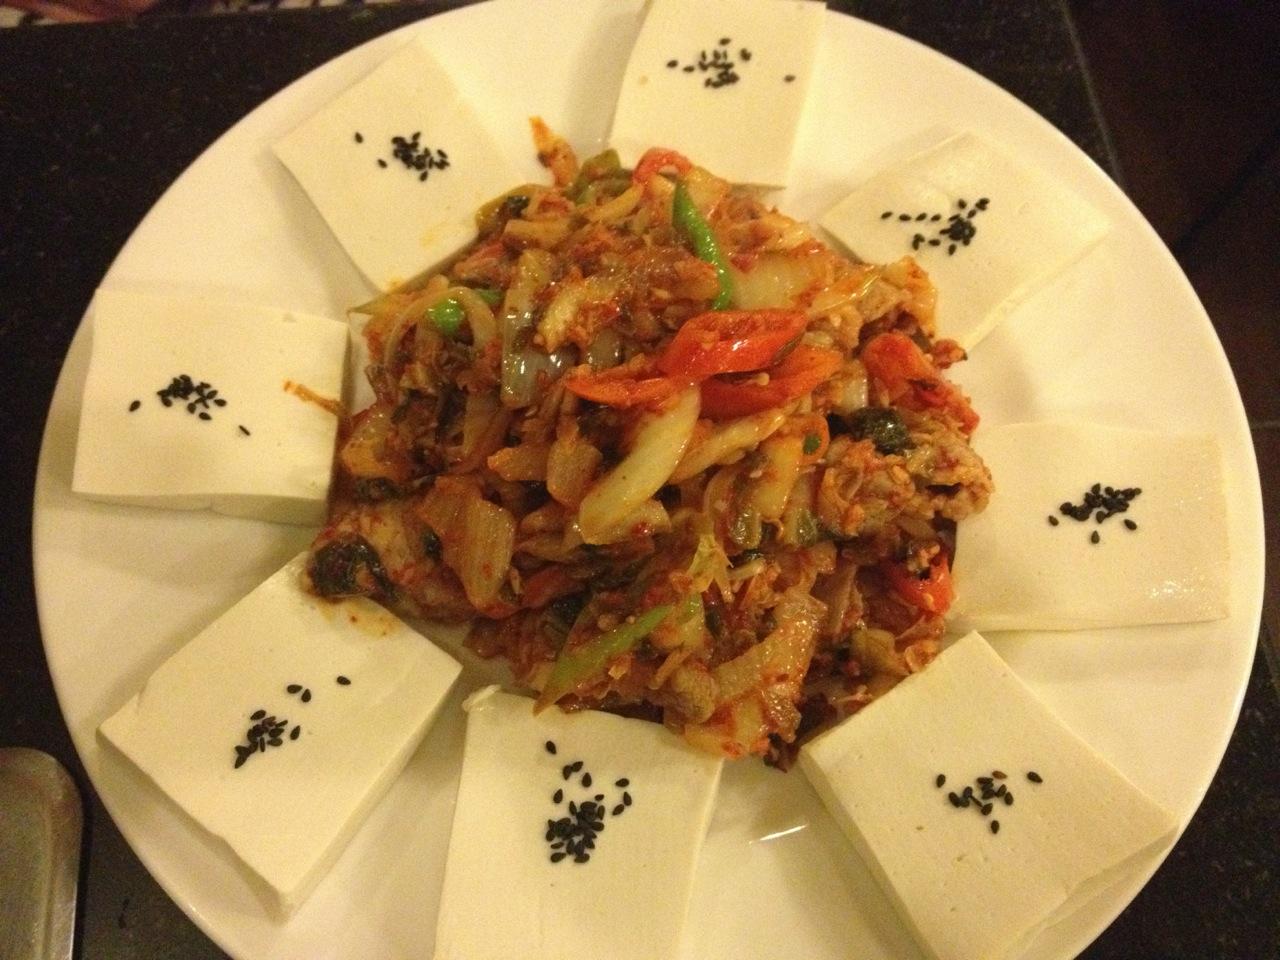 Korean food @ Misone